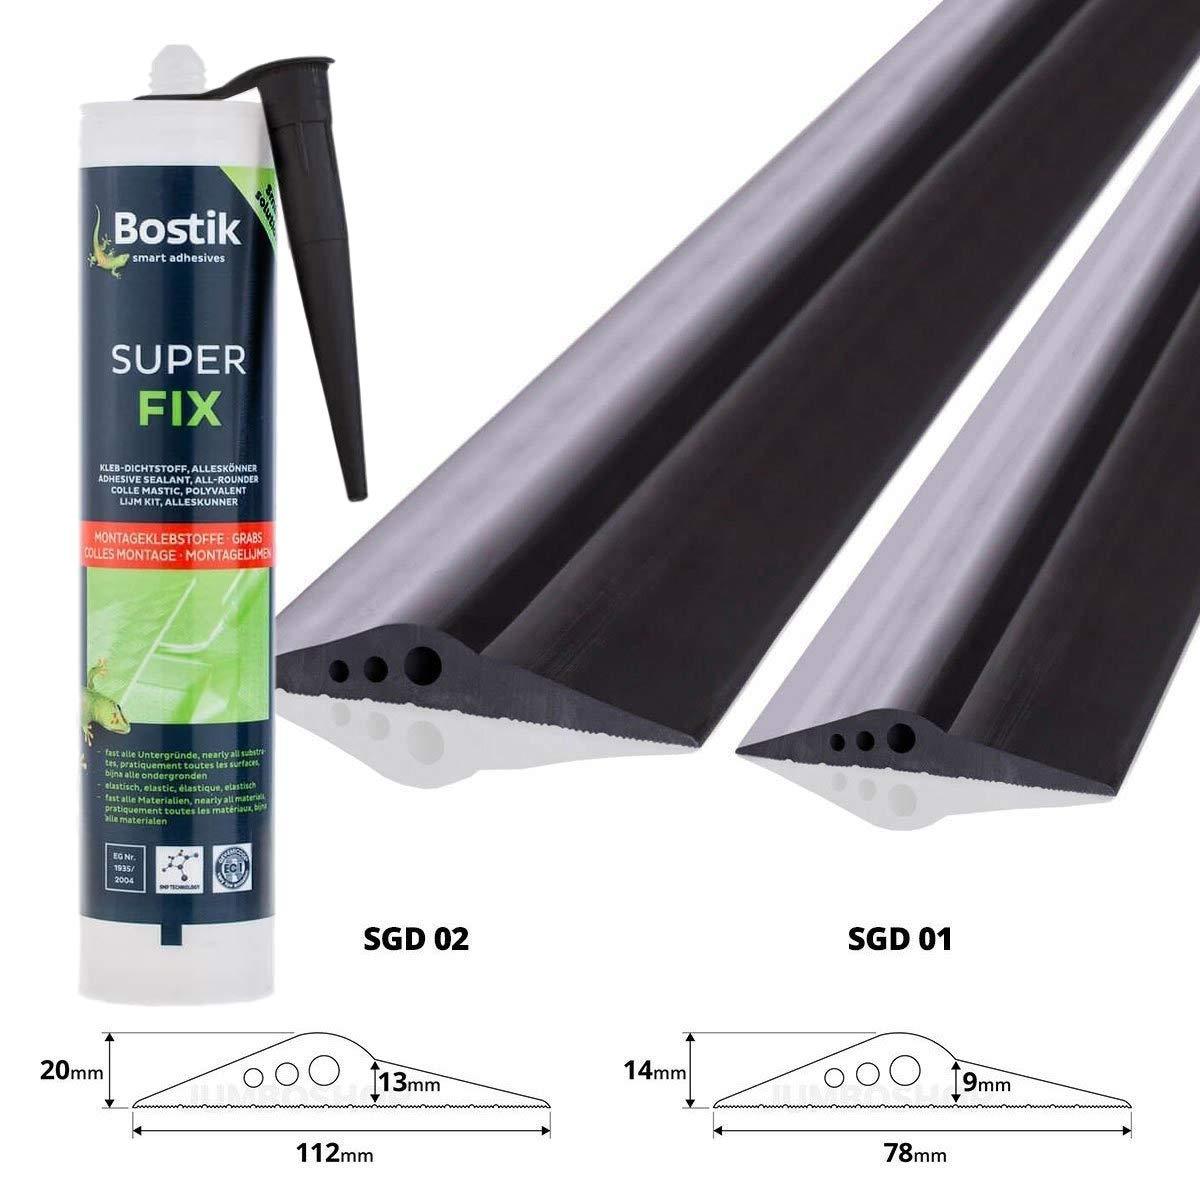 STEIGNER Junta de Garaje con Adhesivo de Montaje Umbral de Garaje de EPDM 4 m 14 mm x 78 mm SGD01: Amazon.es: Bricolaje y herramientas